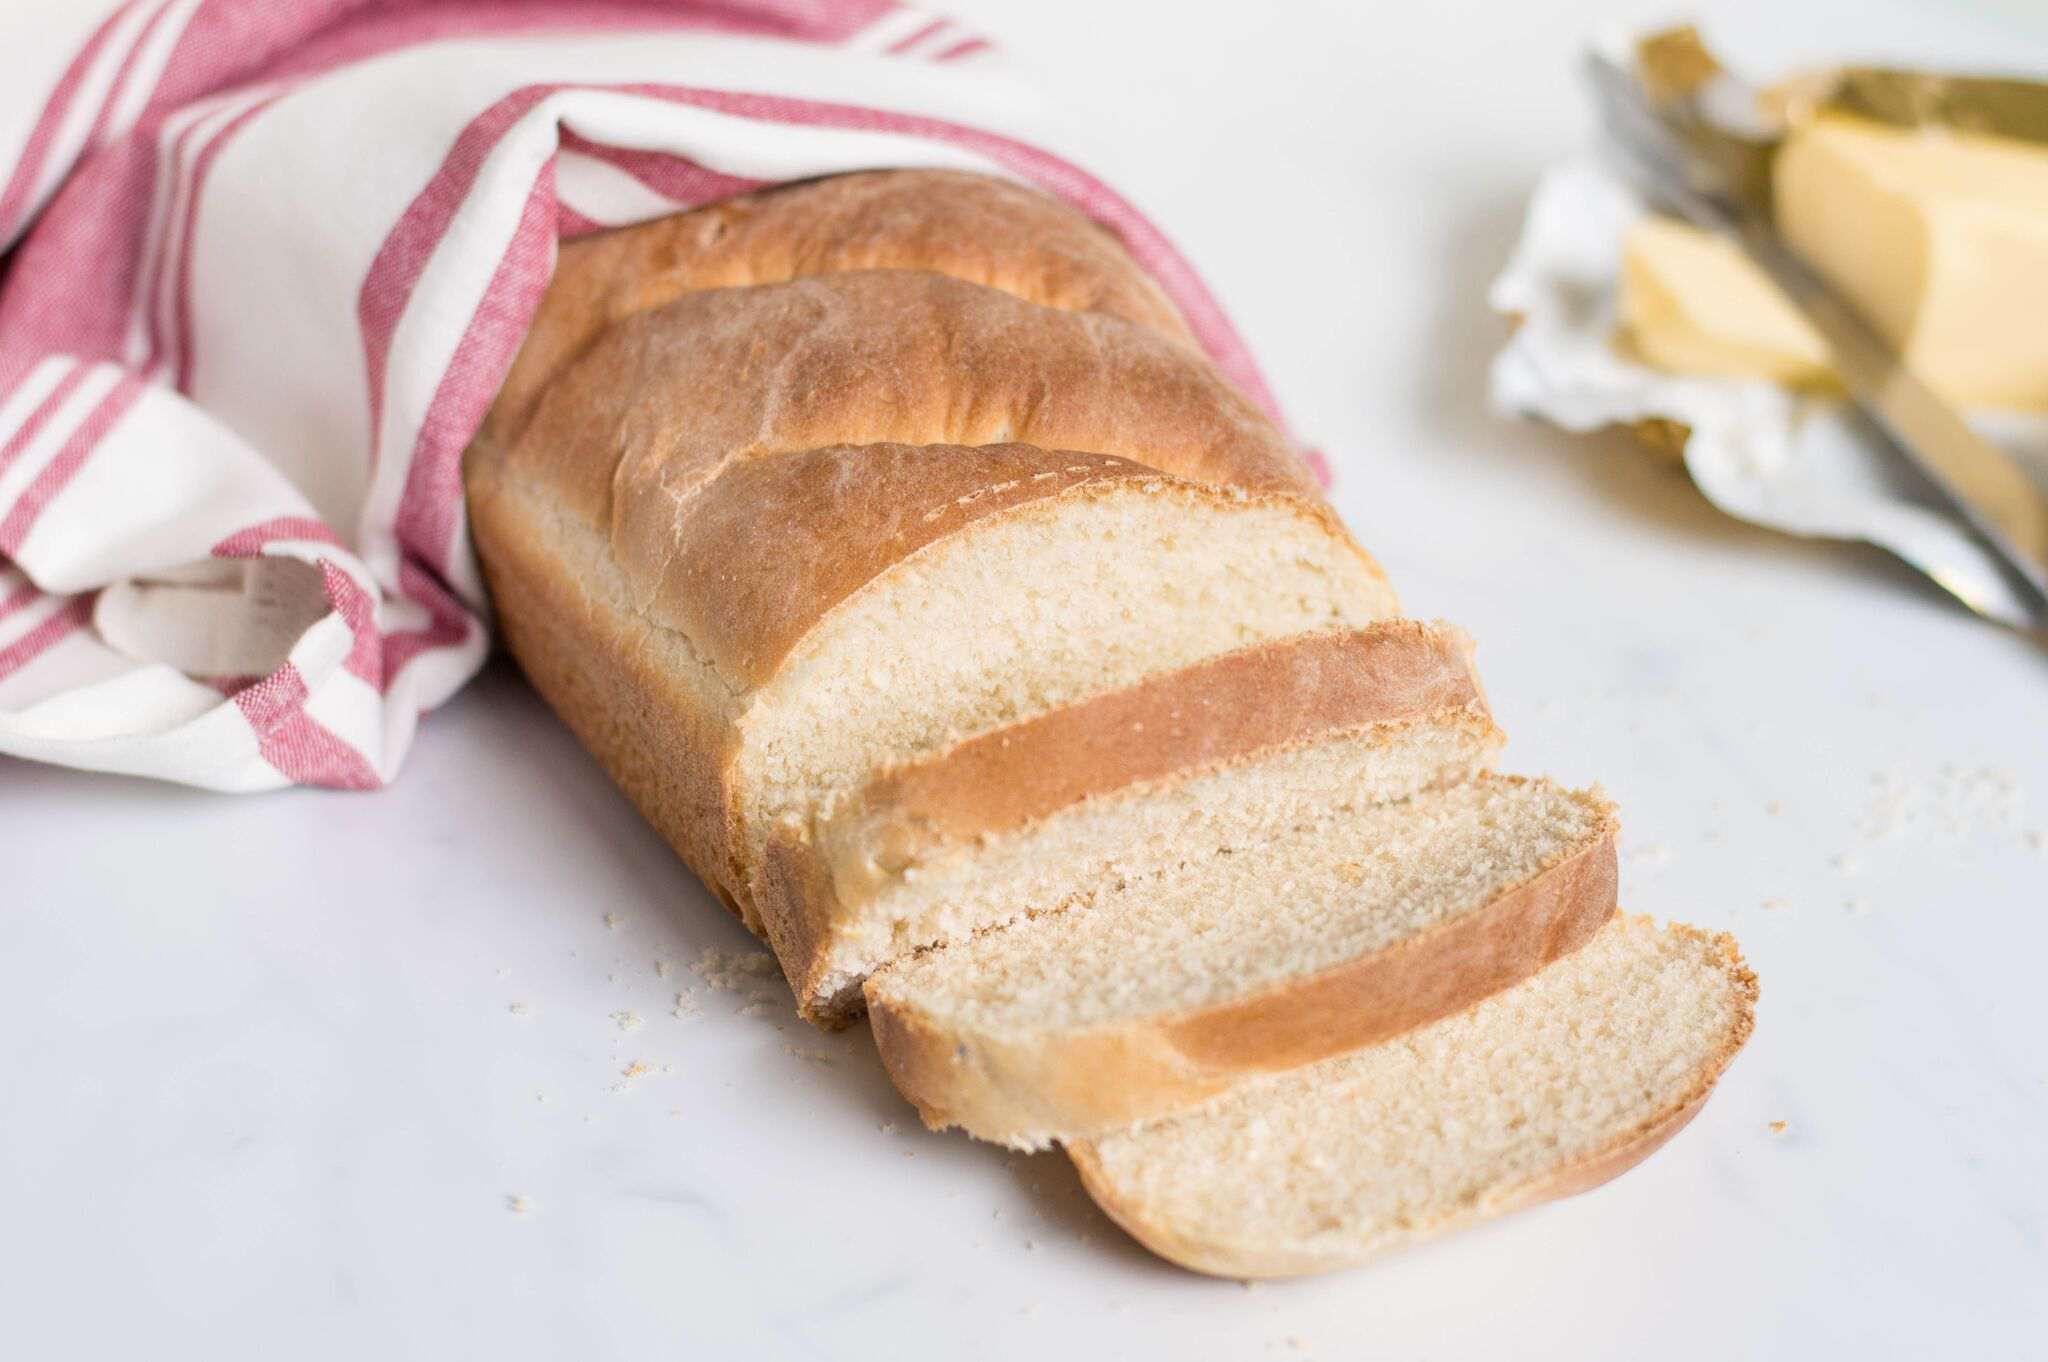 10 All Purpose Flour Bread Recipes